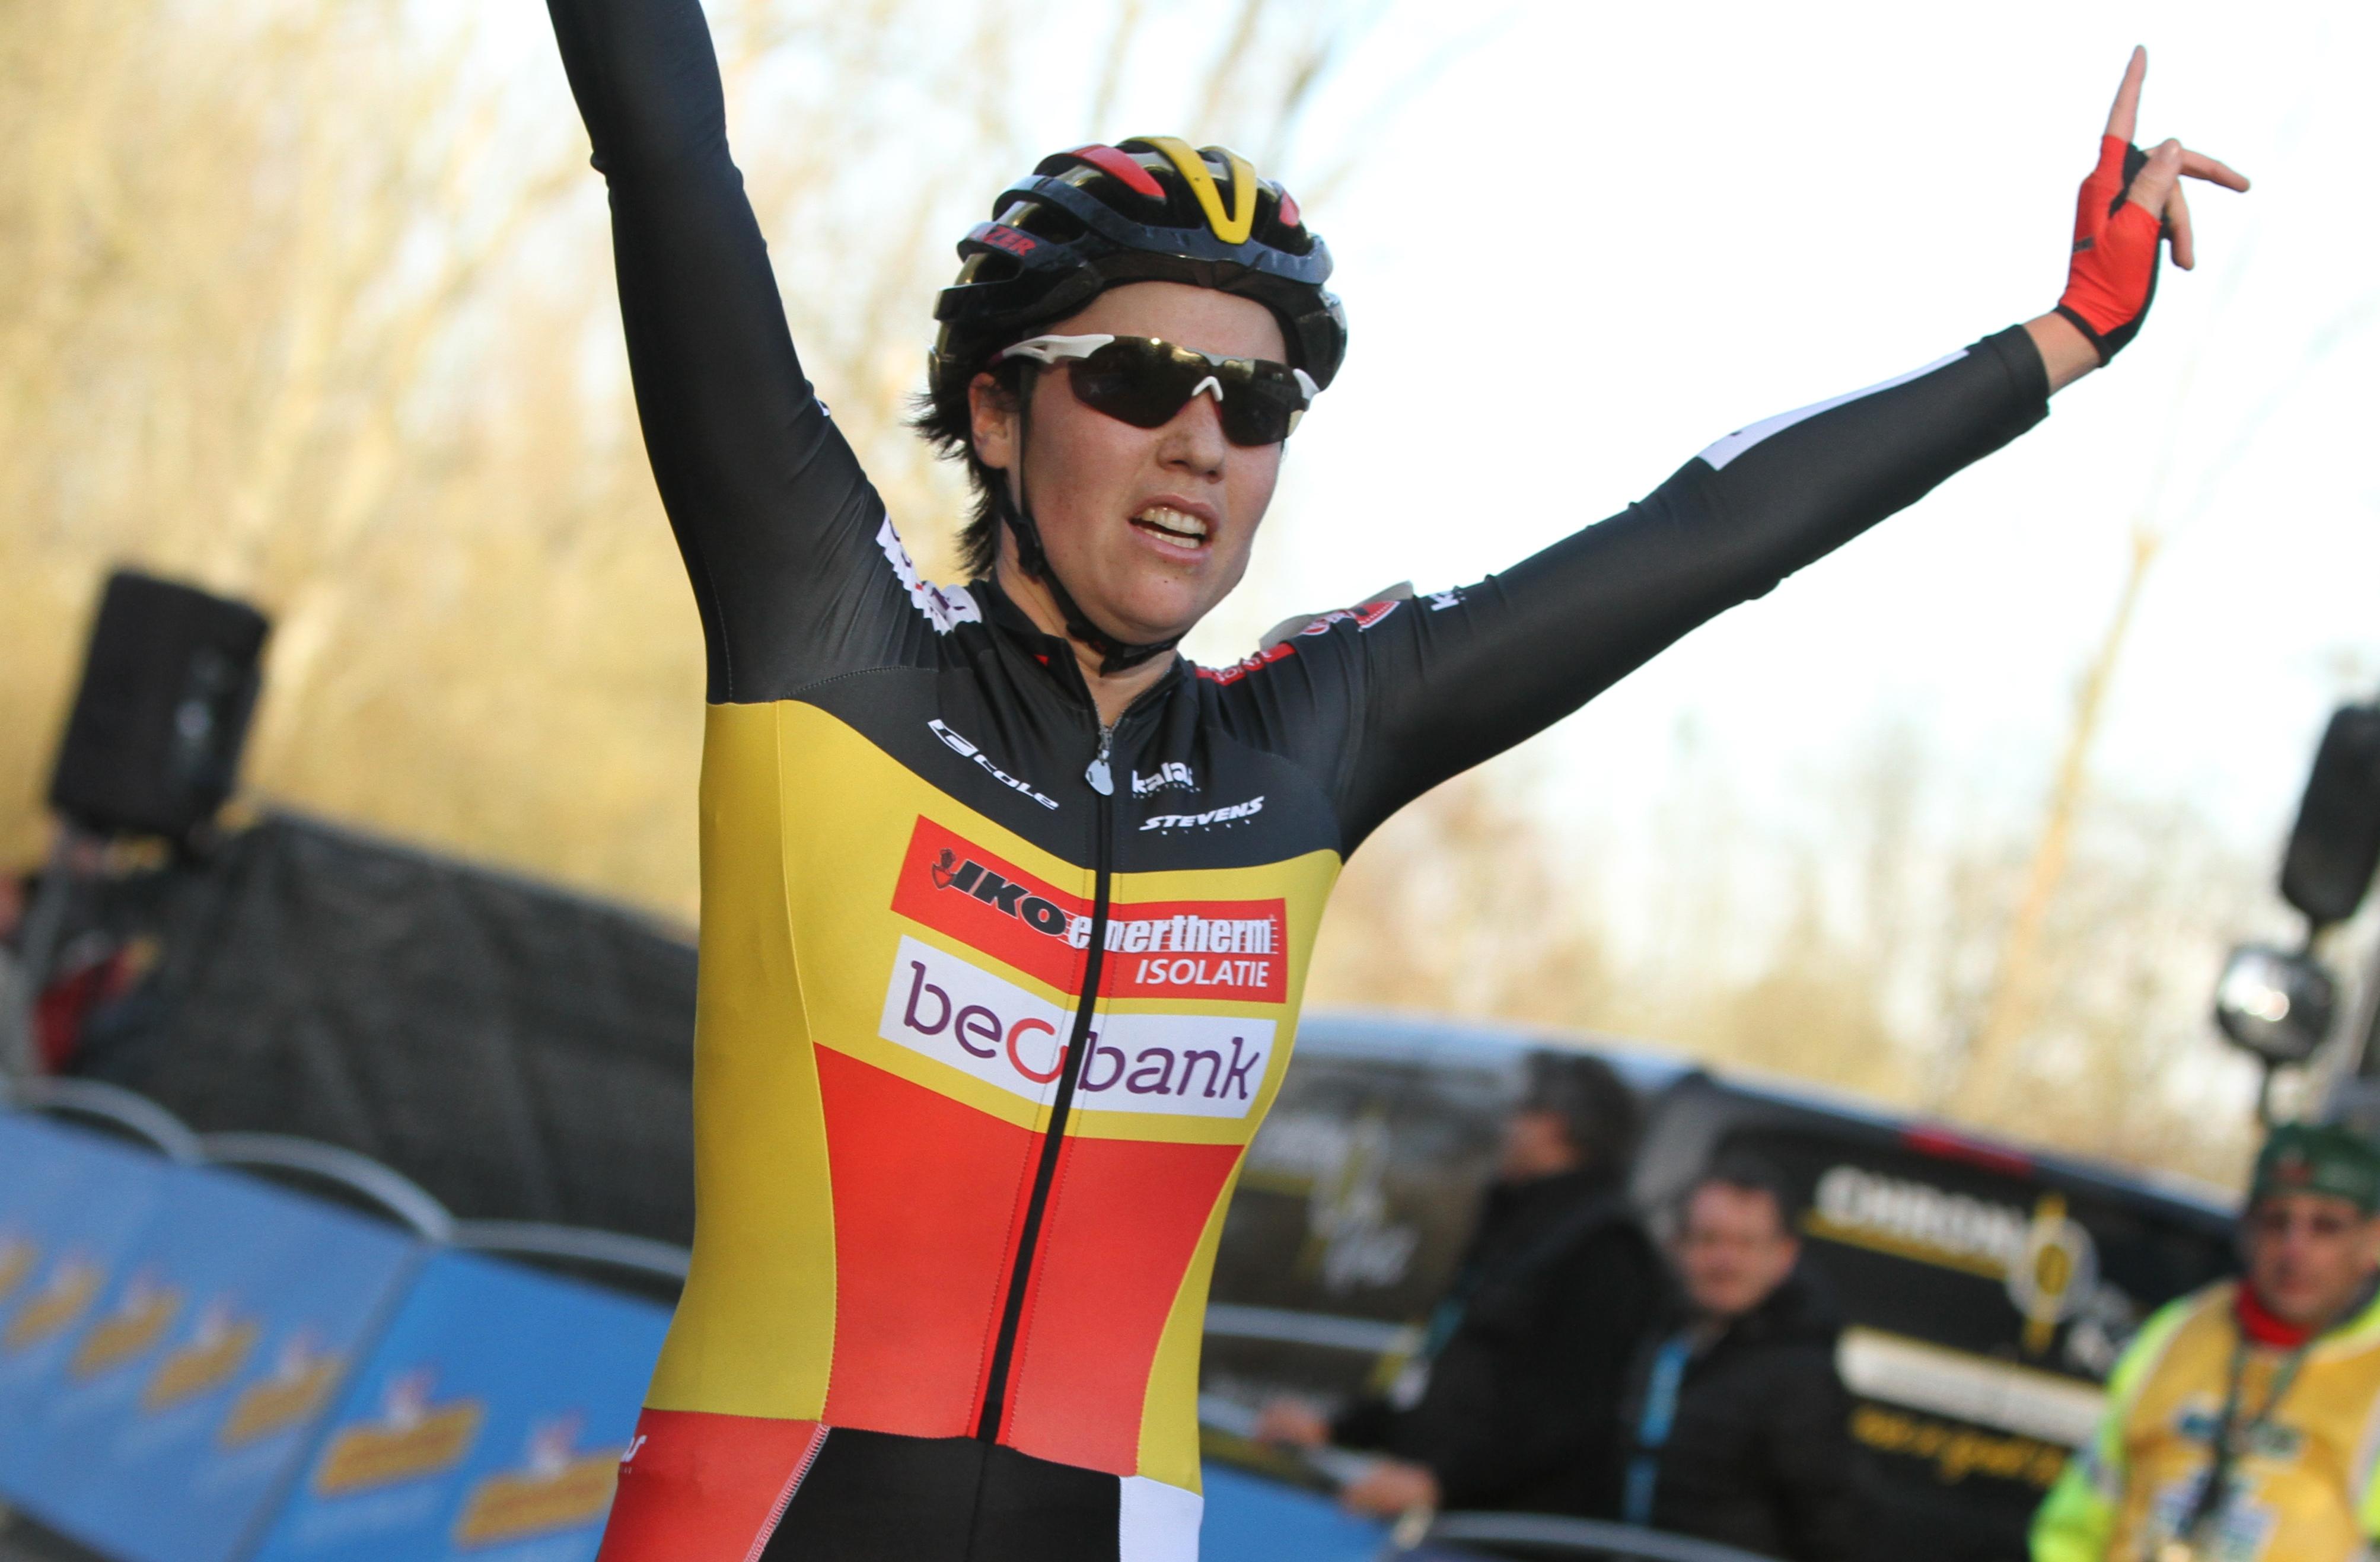 Glansrijke overwinning voor Sanne Cant in Loenhout